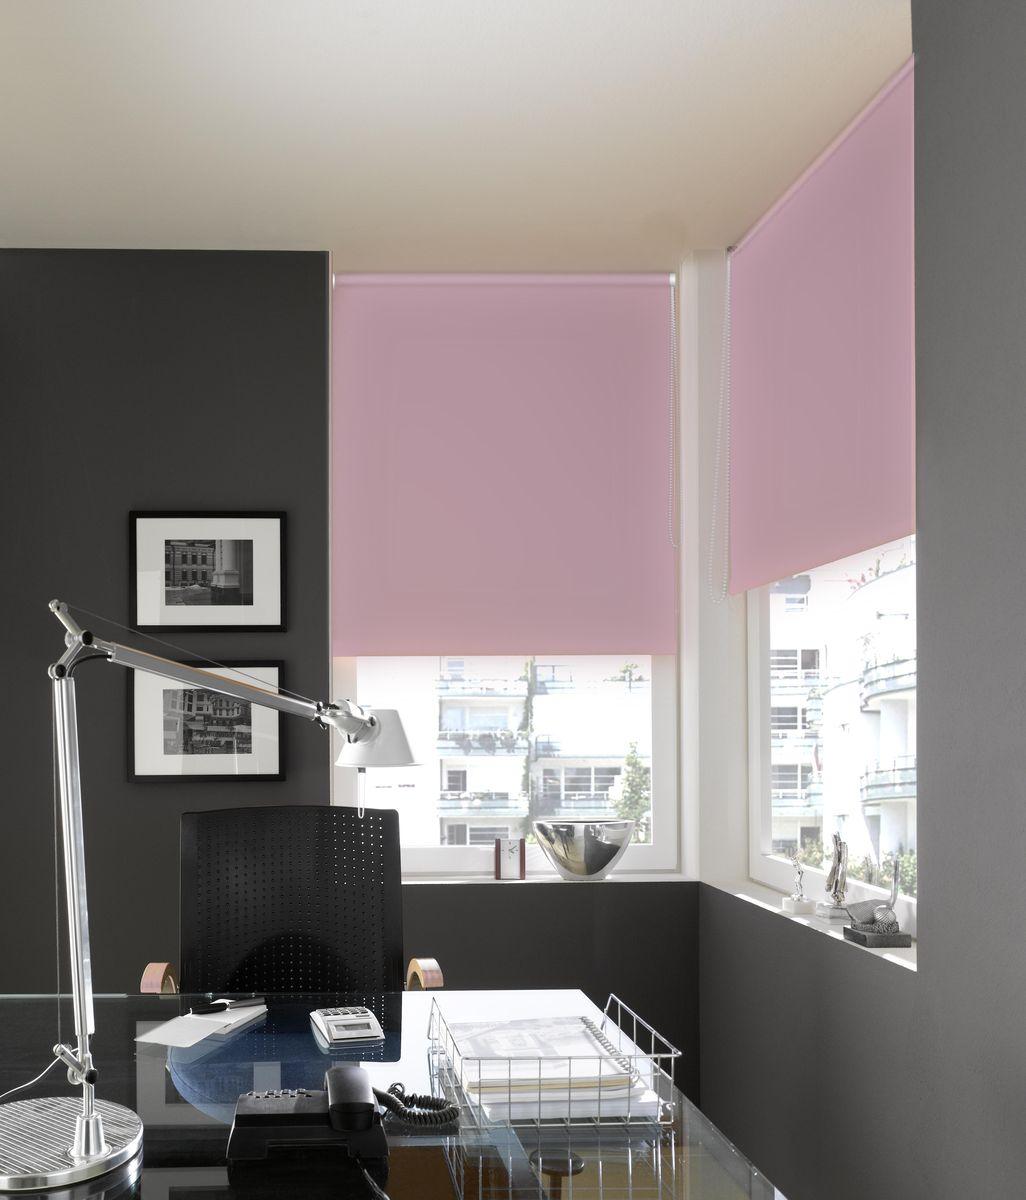 Штора рулонная Эскар Миниролло. Blackout, светонепроницаемые, цвет: розовый, ширина 73 см, высота 170 см88021120160Рулонными шторами Эскар Миниролло. Blackout можно оформлять окна как самостоятельно, так и использовать в комбинации с портьерами. Это поможет предотвратить выгорание дорогой ткани на солнце и соединит функционал рулонных с красотой навесных.Преимущества применения рулонных штор для пластиковых окон:- имеют прекрасный внешний вид: многообразие и фактурность материала изделия отлично смотрятся в любом интерьере; - многофункциональны: есть возможность подобрать шторы способные эффективно защитить комнату от солнца, при этом она не будет слишком темной; - есть возможность осуществить быстрый монтаж. ВНИМАНИЕ! Размеры ширины изделия указаны по ширине ткани!Во время эксплуатации не рекомендуется полностью разматывать рулон, чтобы не оторвать ткань от намоточного вала.В случае загрязнения поверхности ткани, чистку шторы проводят одним из способов, в зависимости от типа загрязнения: легкое поверхностное загрязнение можно удалить при помощи канцелярского ластика; чистка от пыли производится сухим методом при помощи пылесоса с мягкой щеткой-насадкой; для удаления пятна используйте мягкую губку с пенообразующим неагрессивным моющим средством или пятновыводитель на натуральной основе (нельзя применять растворители).